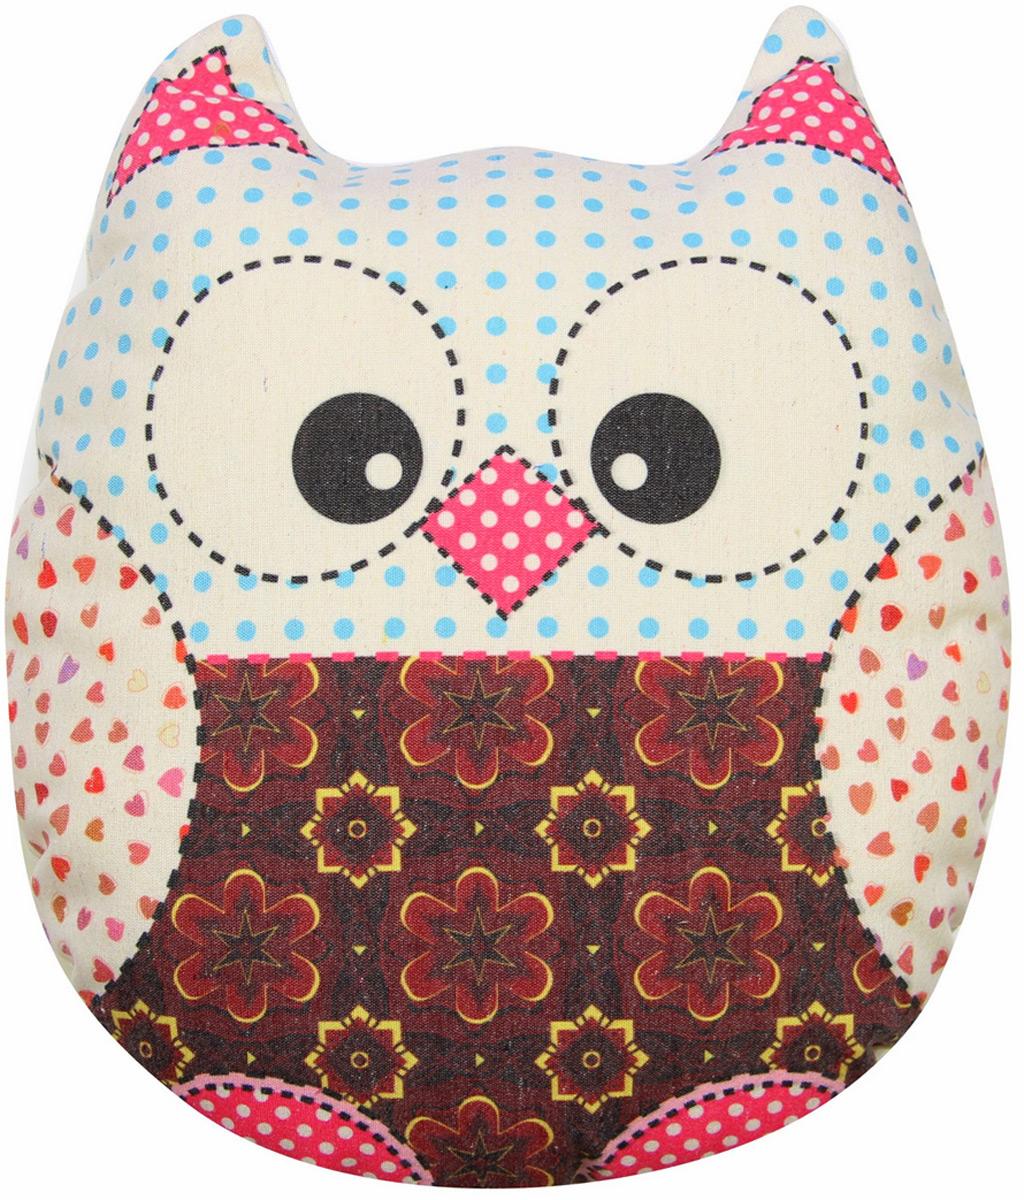 """Подушка-игрушка декоративная Штучки, к которым тянутся ручки """"Совы холст"""", цвет: красный, 41 x 38 см"""